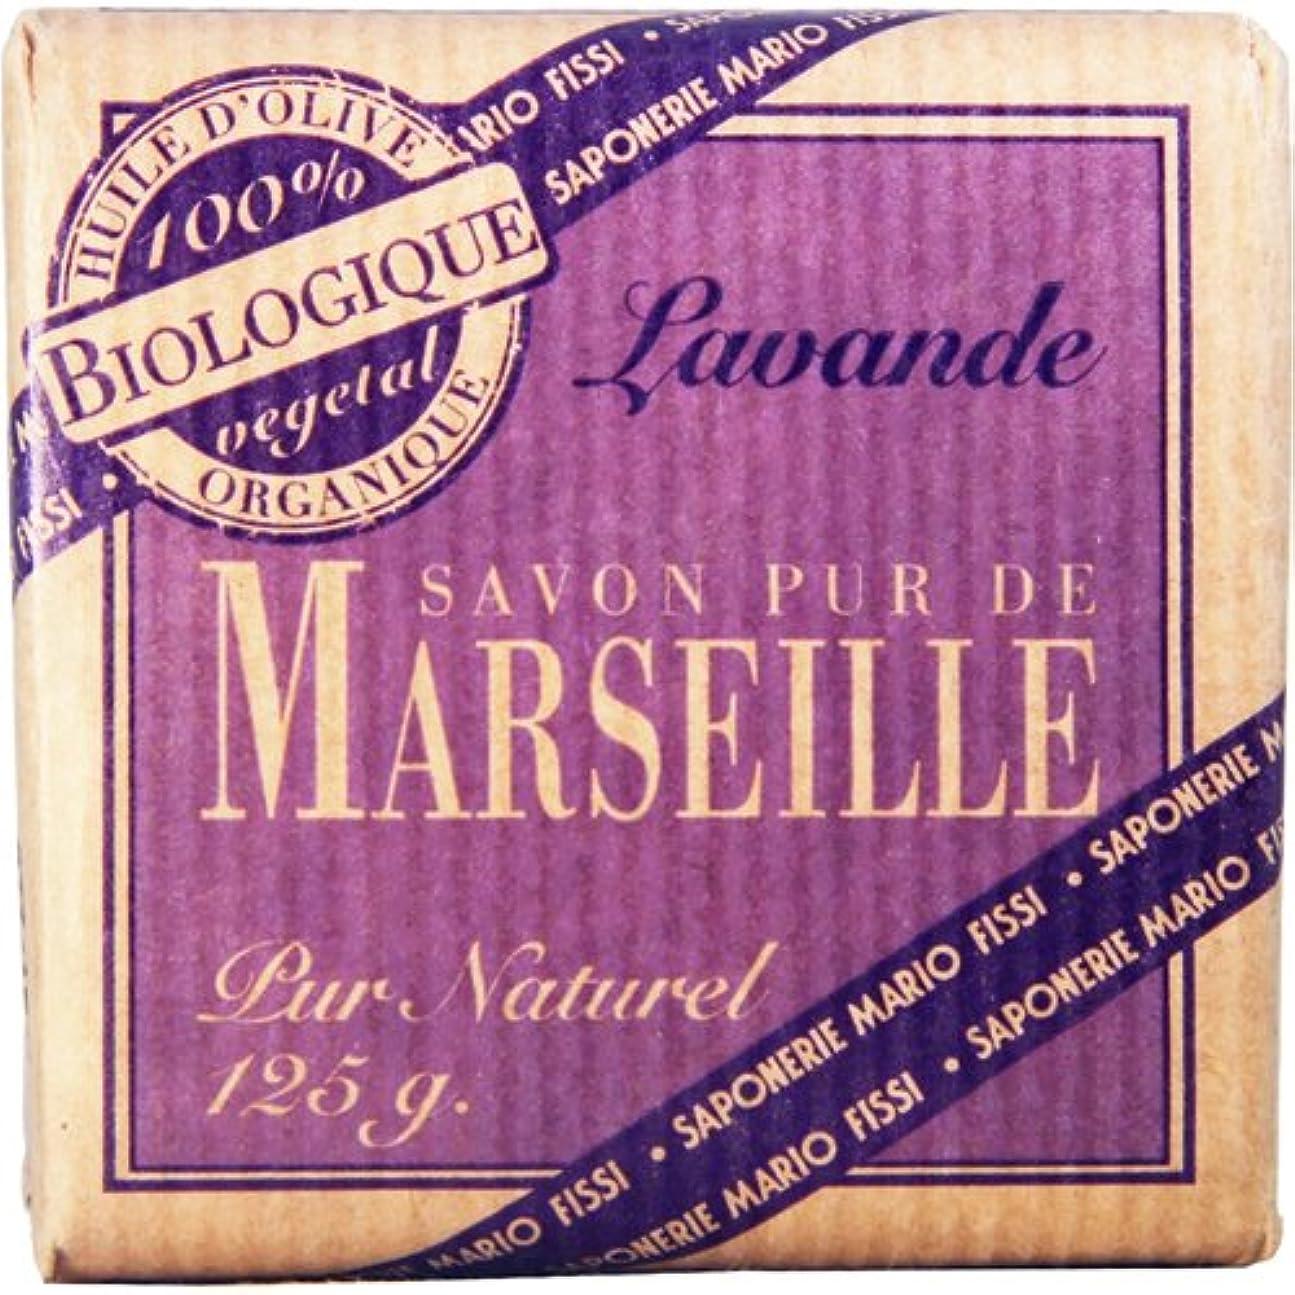 紫の移行する体操Saponerire Fissi マルセイユシリーズ マルセイユソープ 125g Lavender ラベンダー